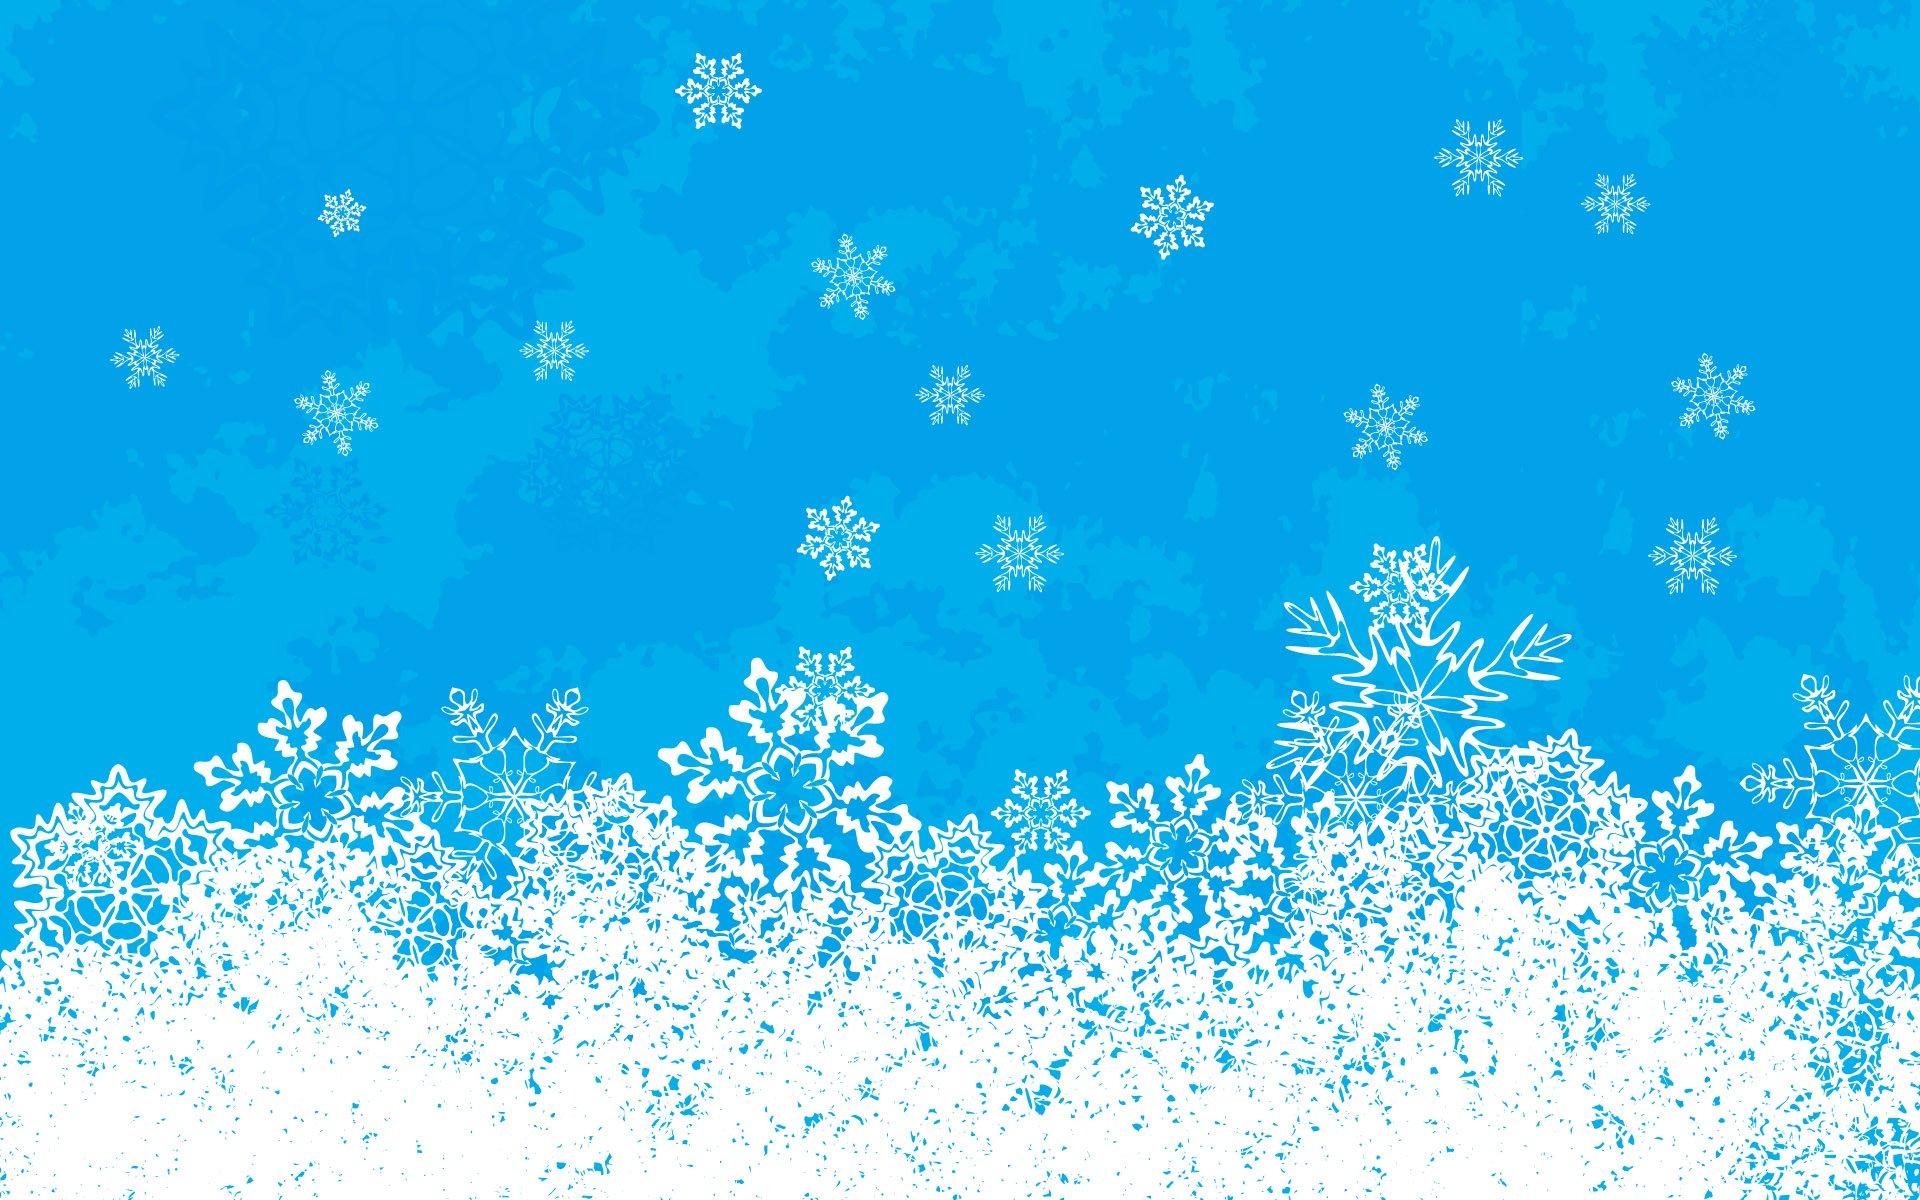 снег картинки год снежинки новый